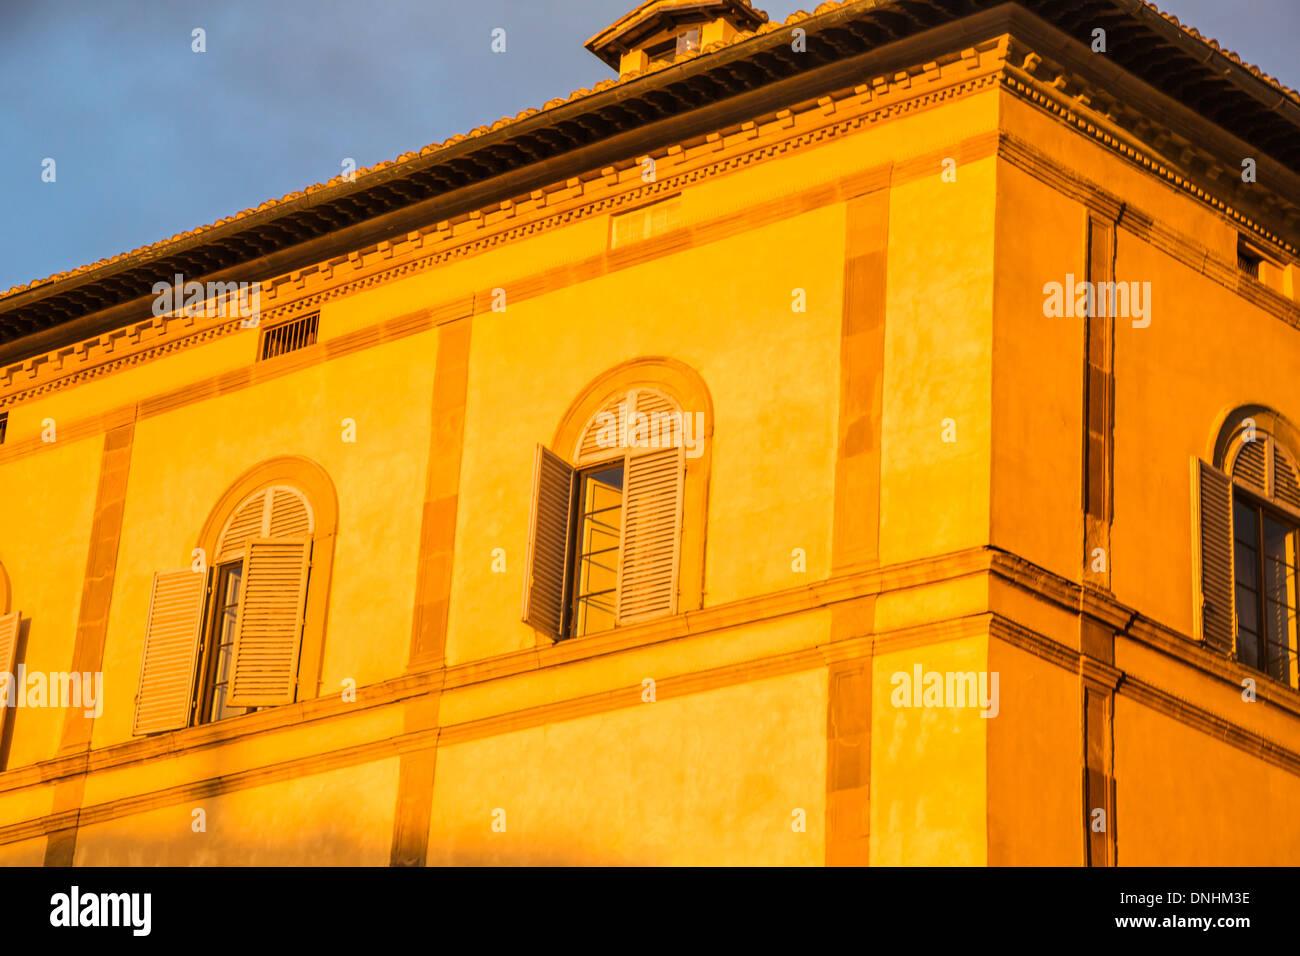 Portrait d'un édifice du patrimoine, Sienne, Province de Sienne, Toscane, Italie Banque D'Images